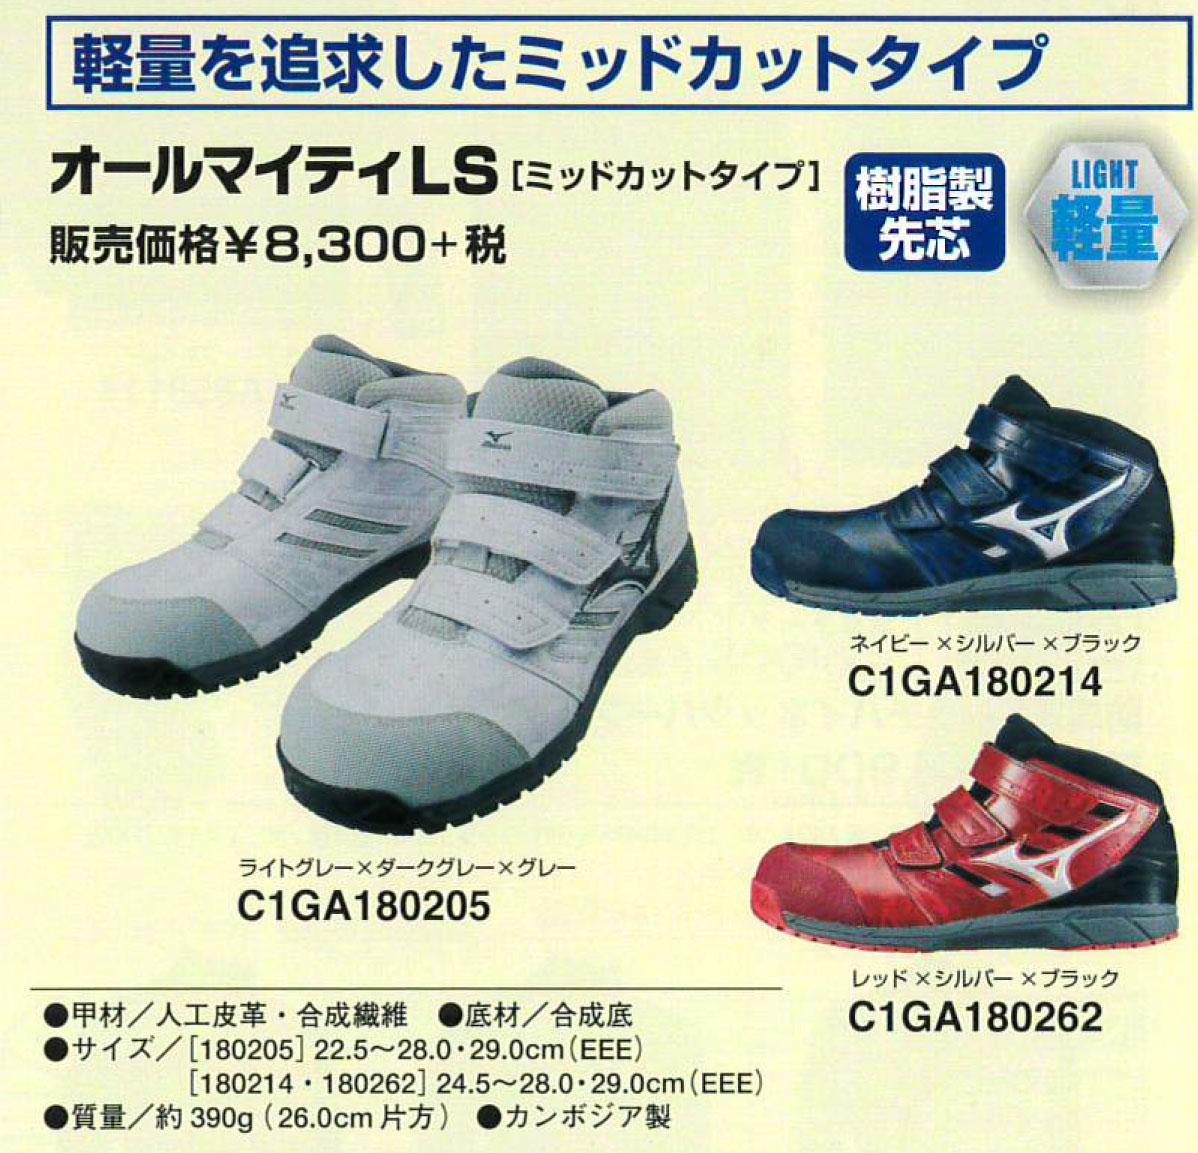 ミズノ安全靴 オールマイティLS ミッドカットタイプ JSAA認定品 軽量